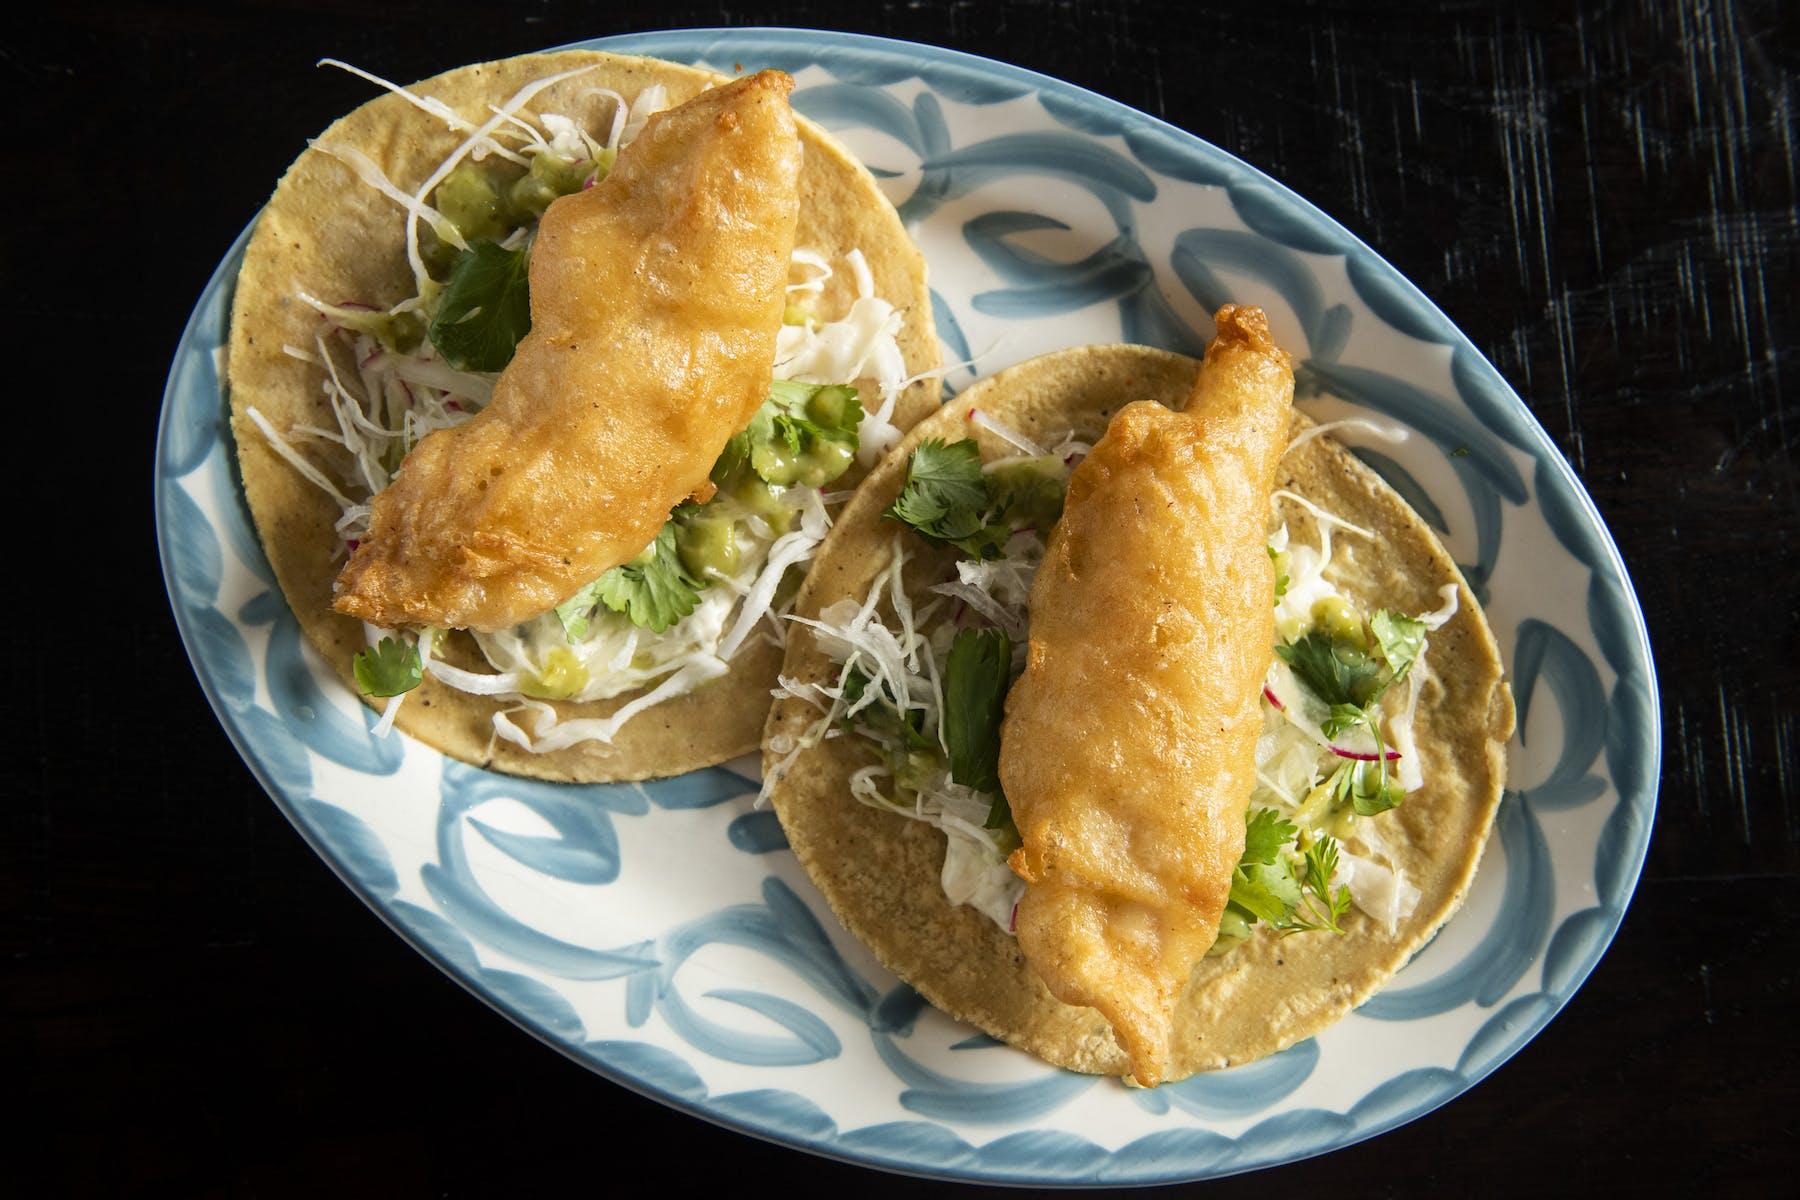 fish tacos at empellon taqueria